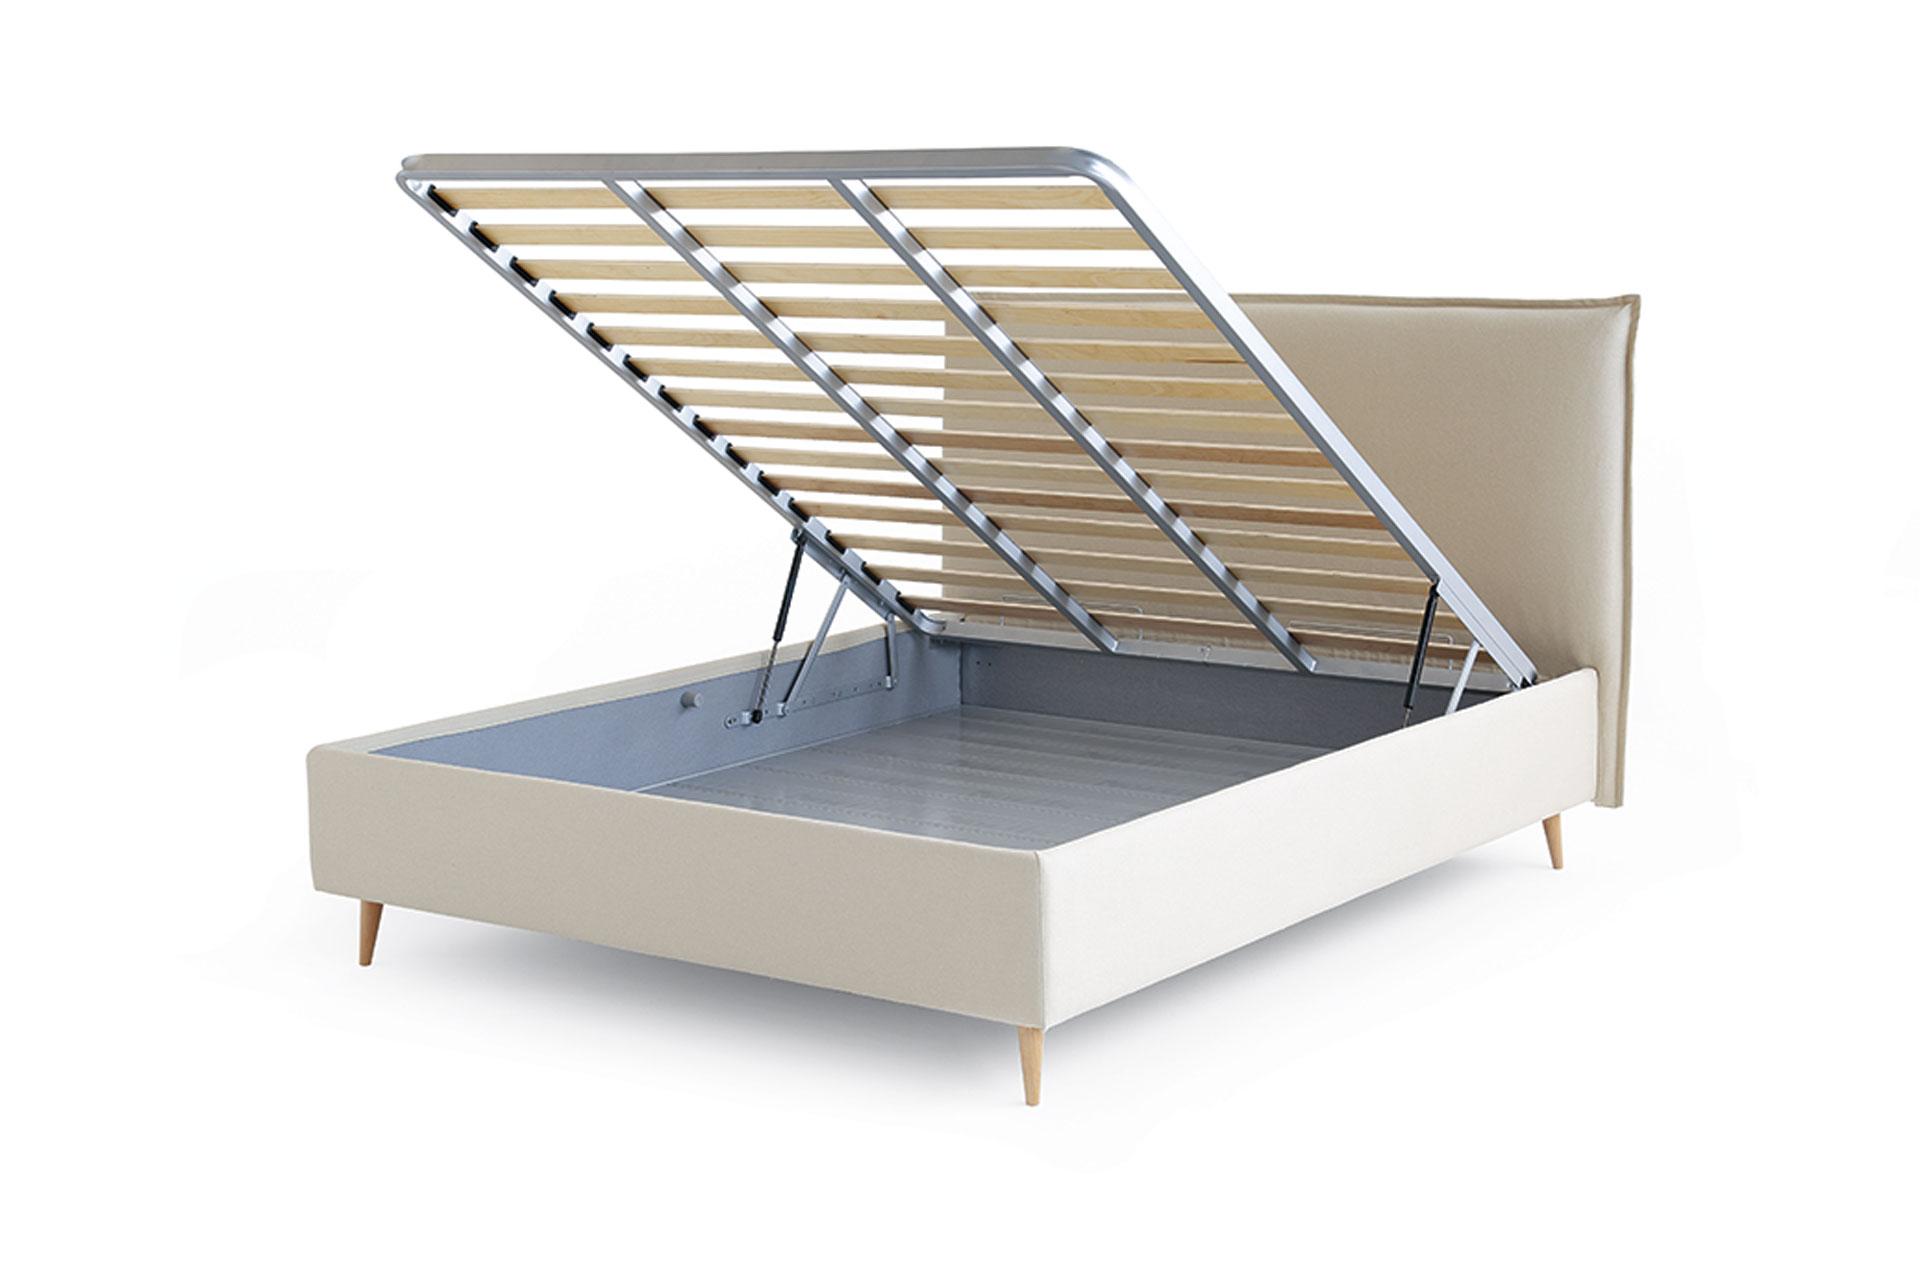 Noctis per veri sognatori varianti for Noctis folding box